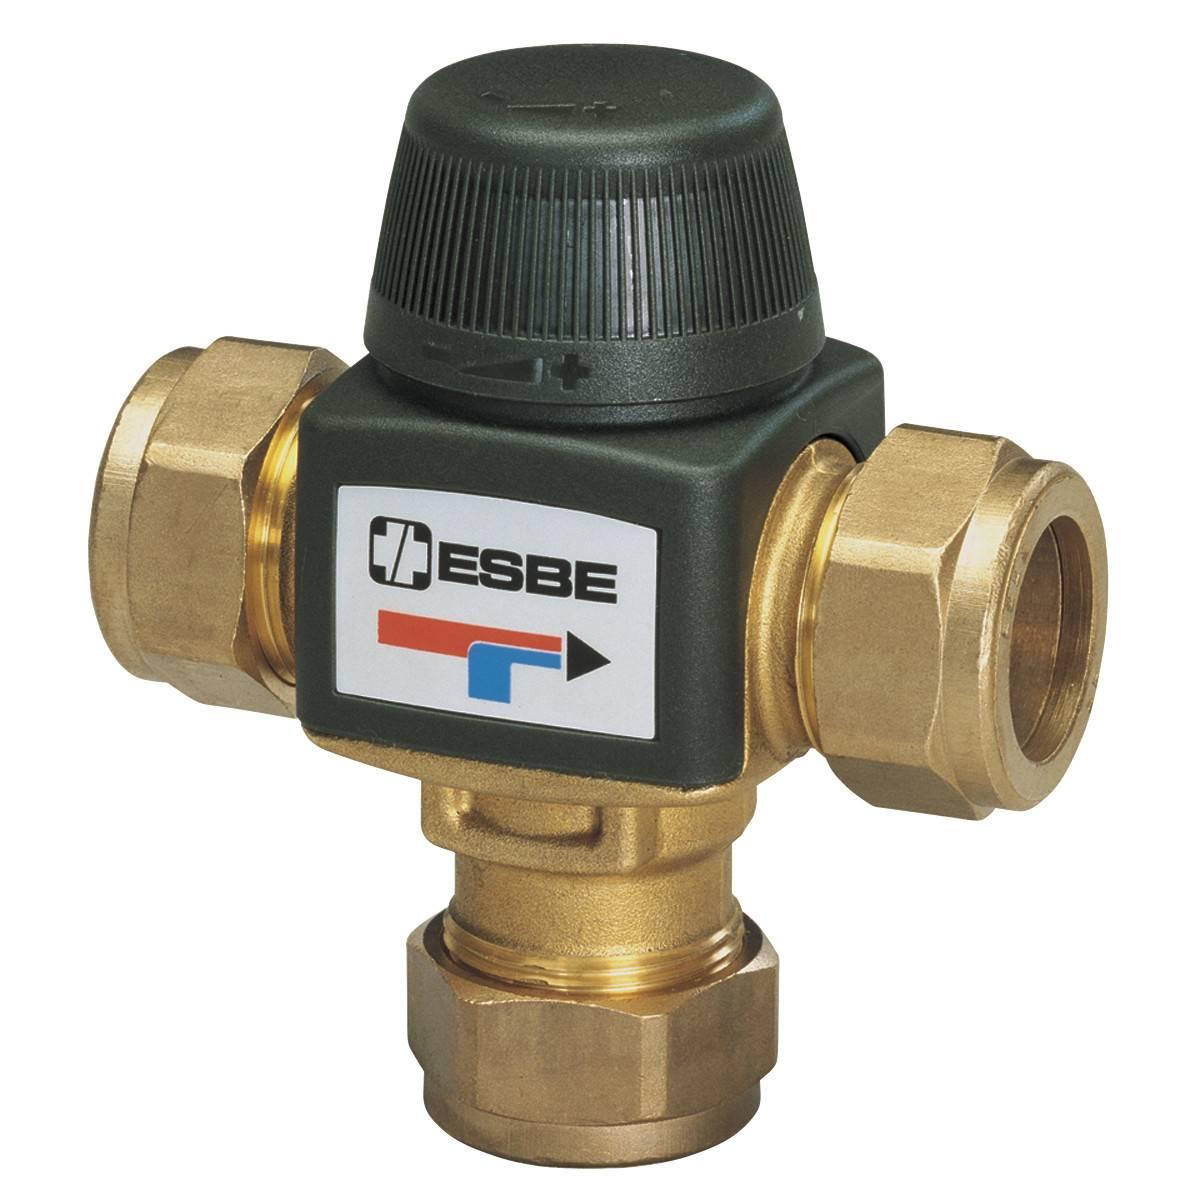 Что такое терморегулятор для водяного теплого пола и как он работает?